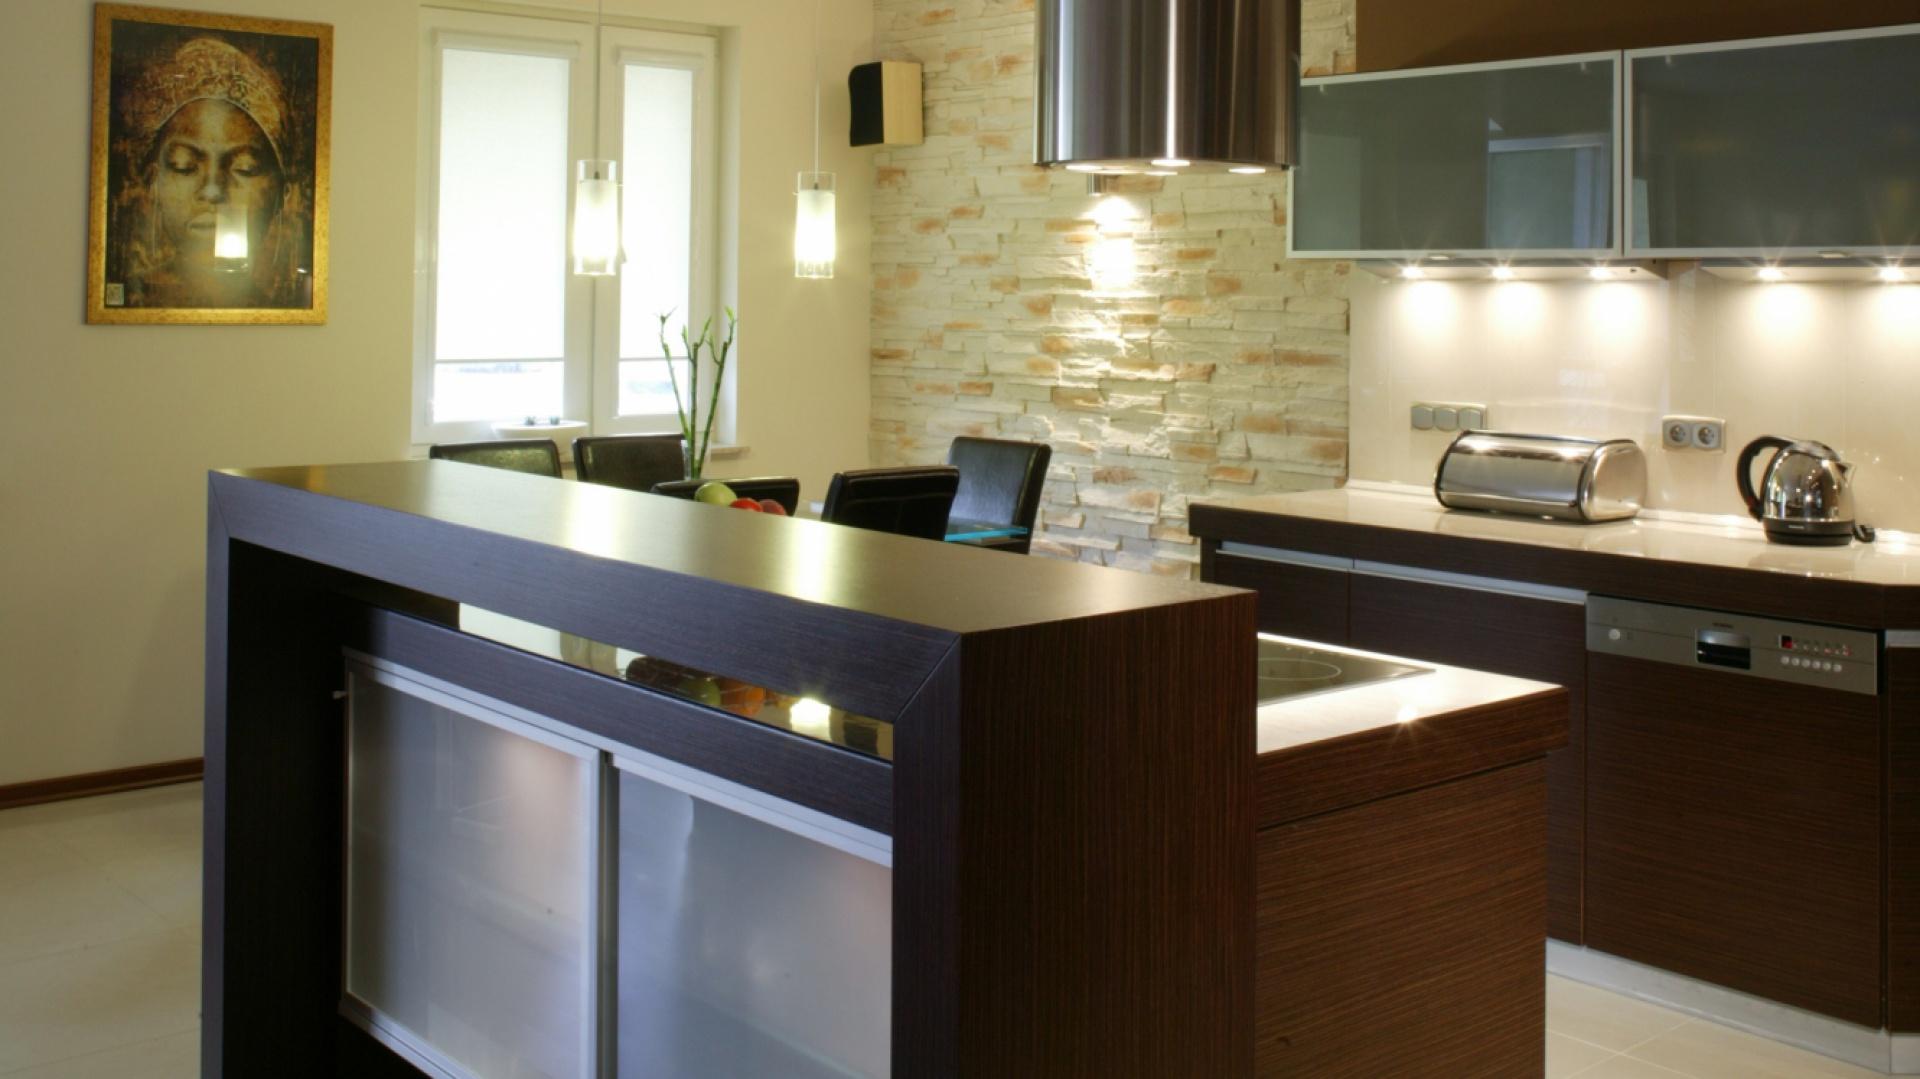 zabudowa kuchenna optycznie meble kuchenne w kolorze